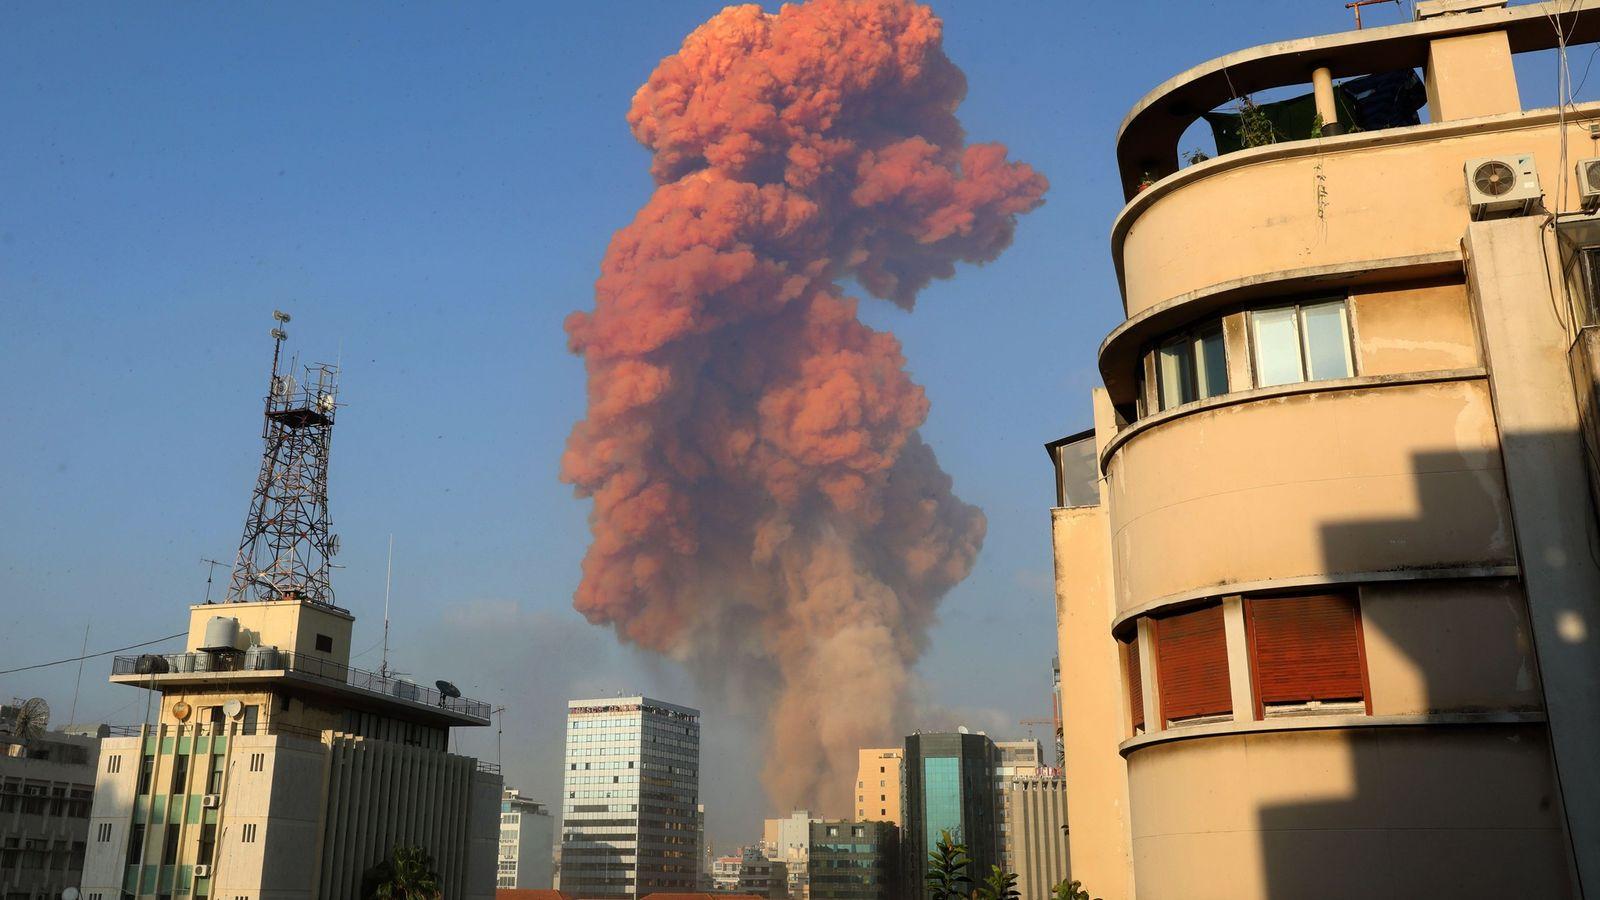 Fotografía de la explosión en Beirut